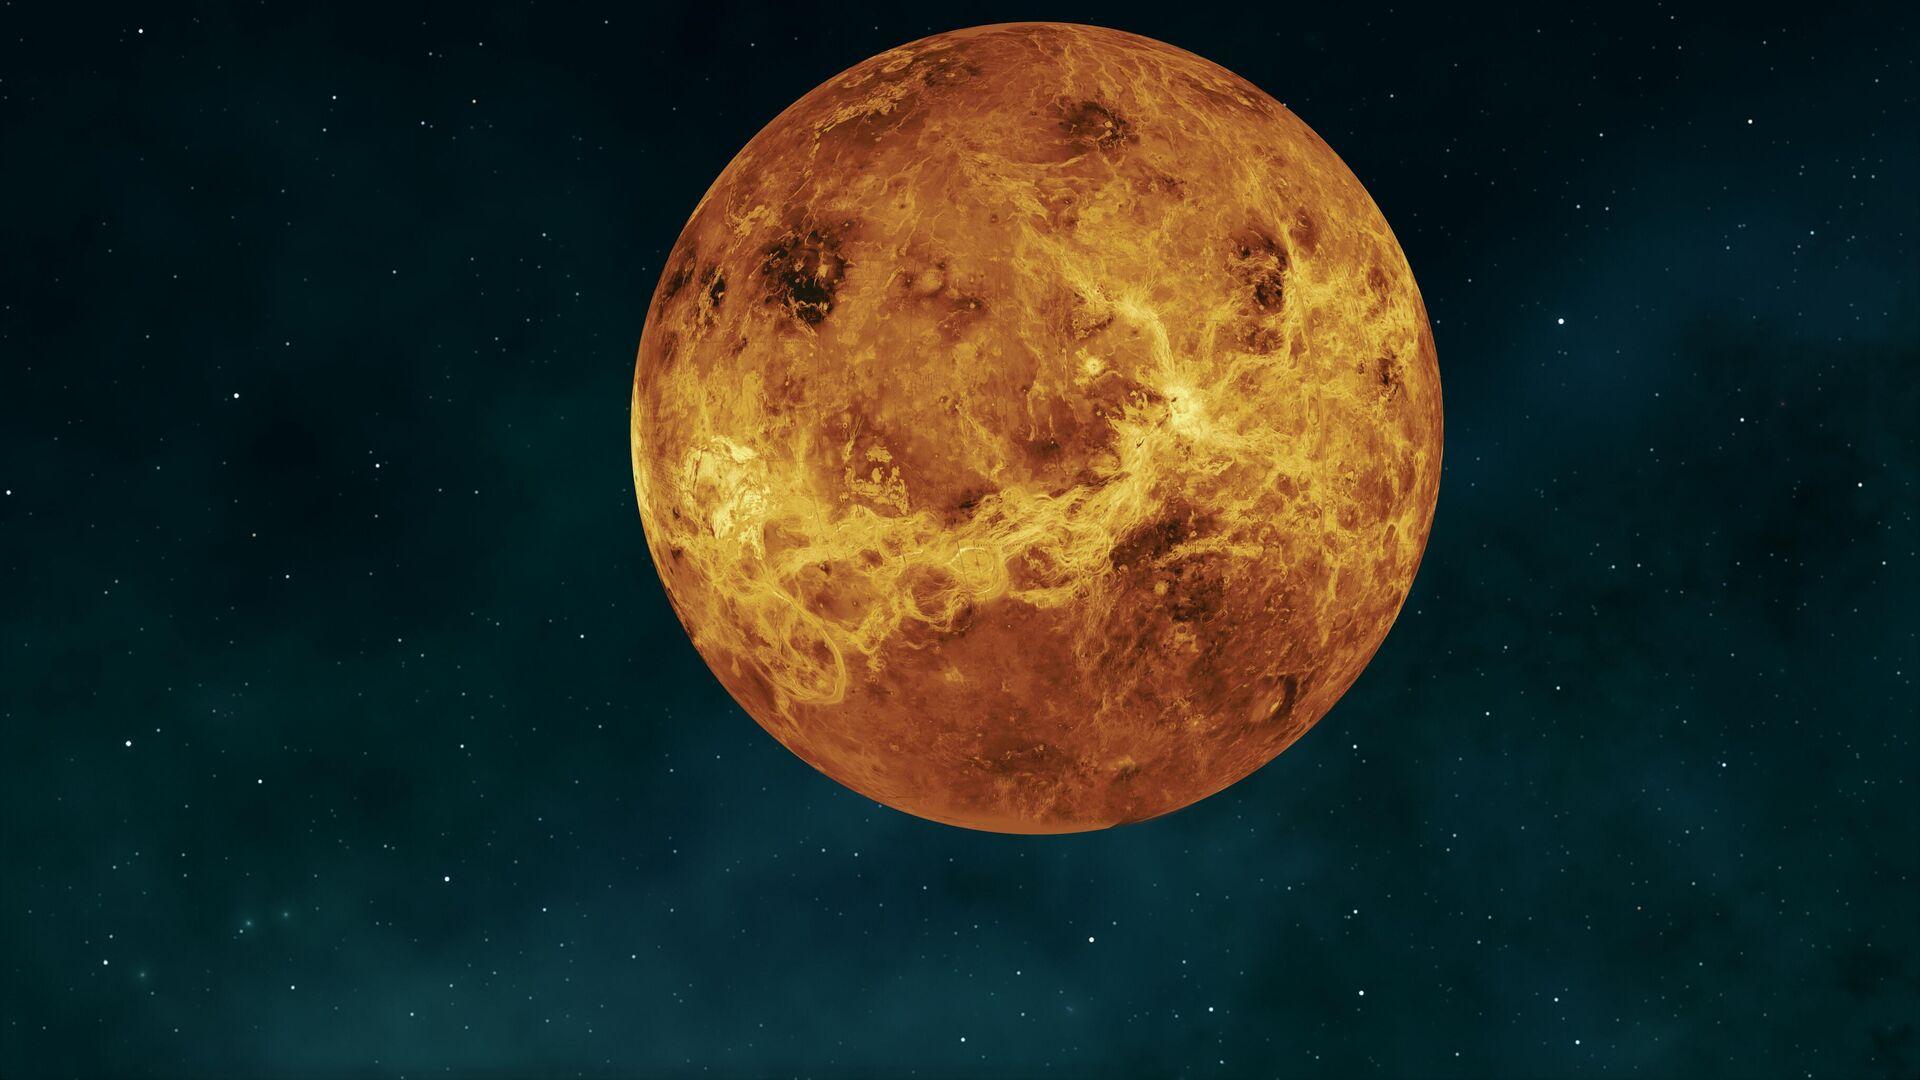 Планета Венера - РИА Новости, 1920, 17.09.2020